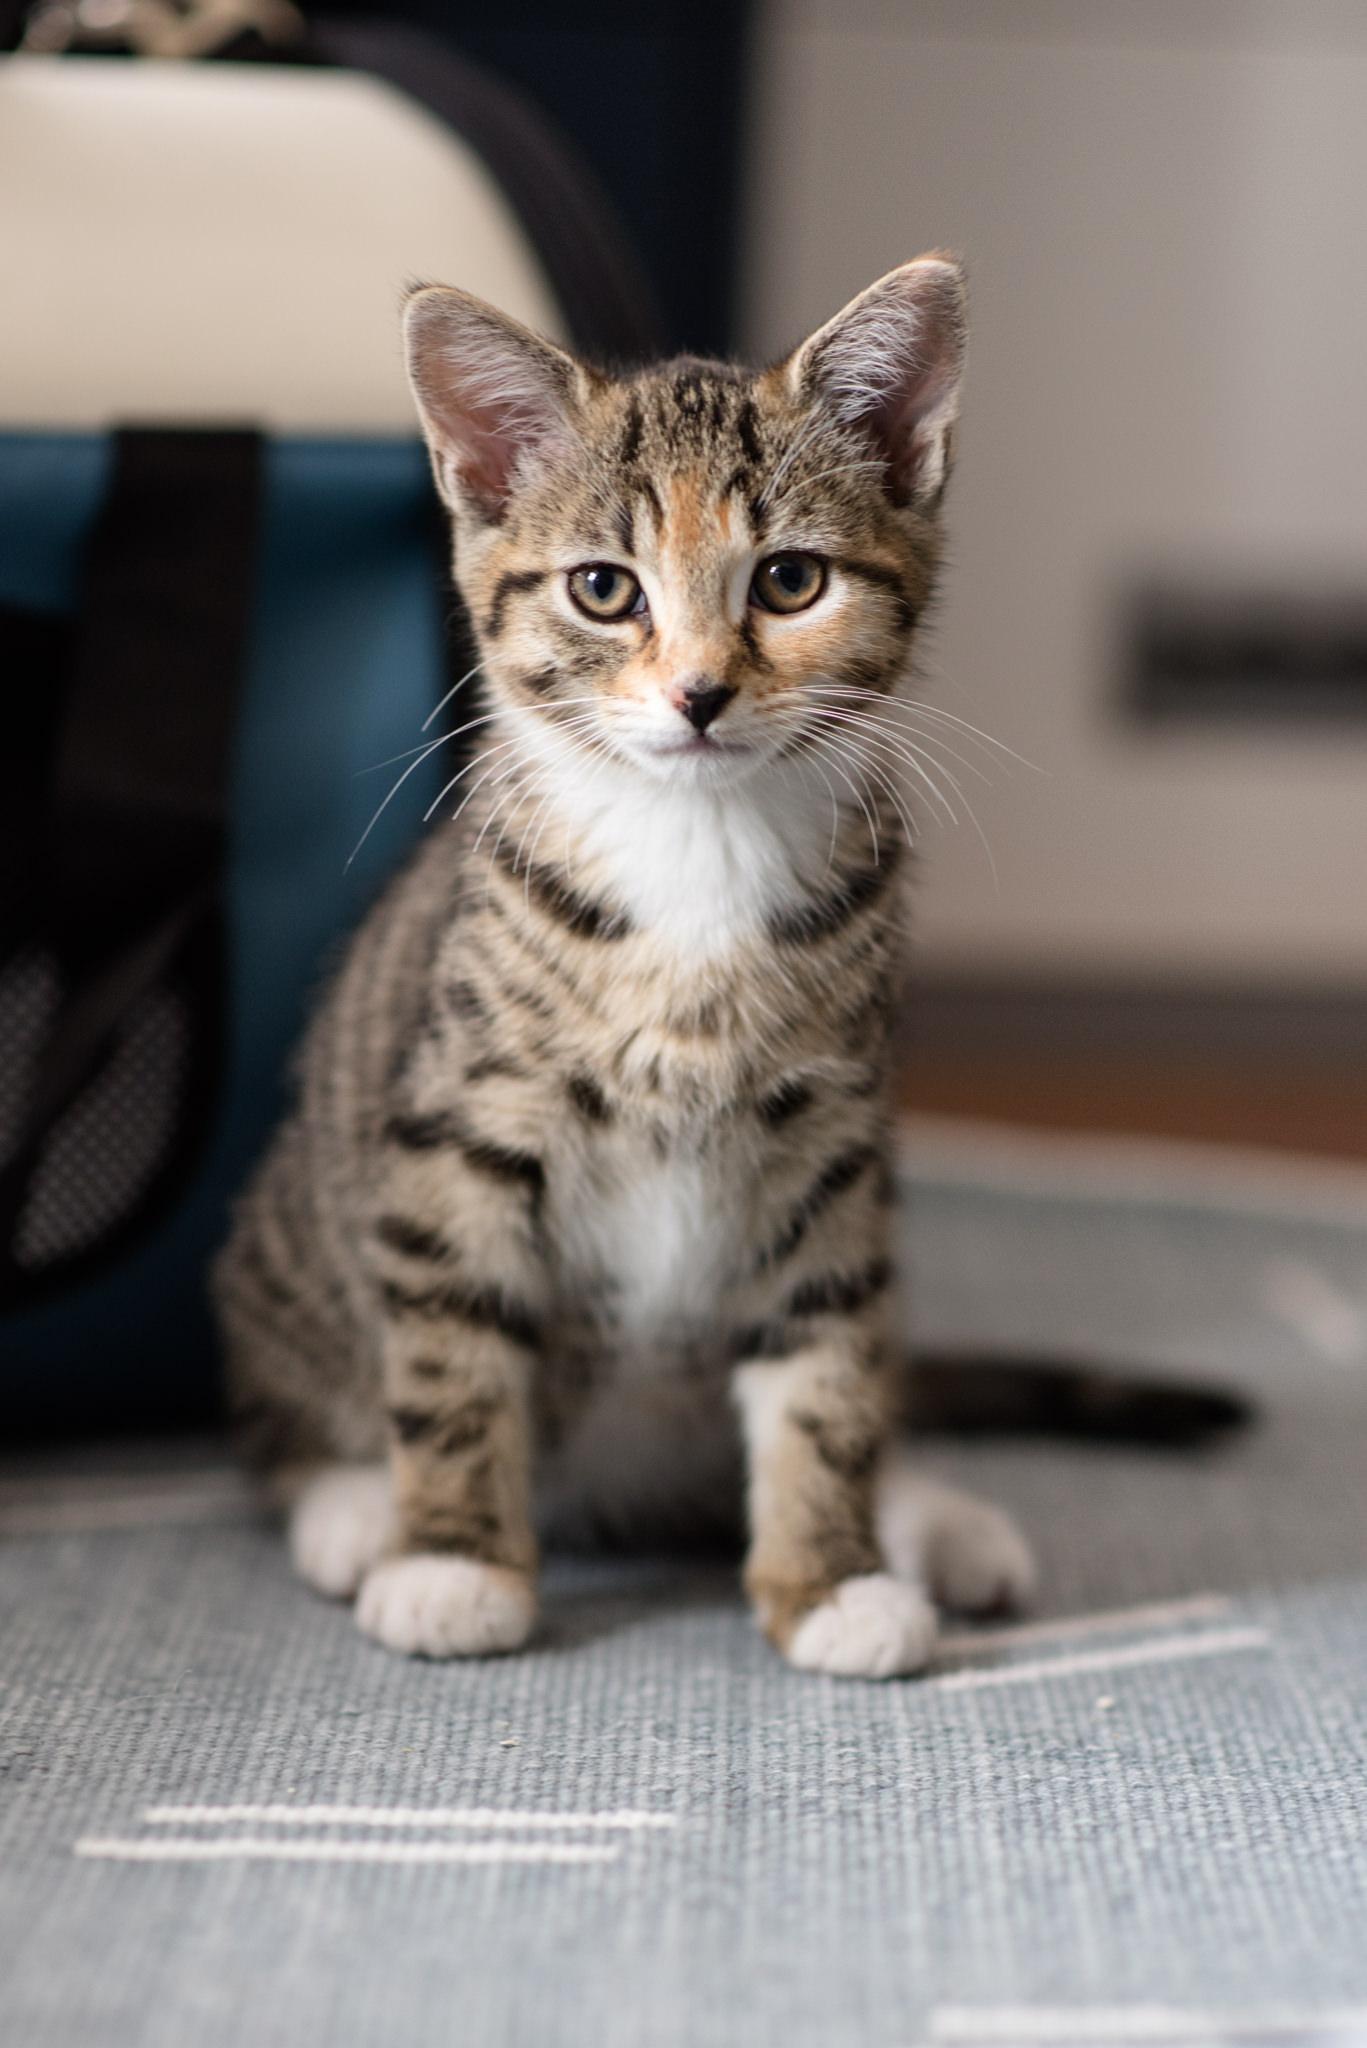 kitten-socks-poppy-003-web.jpg